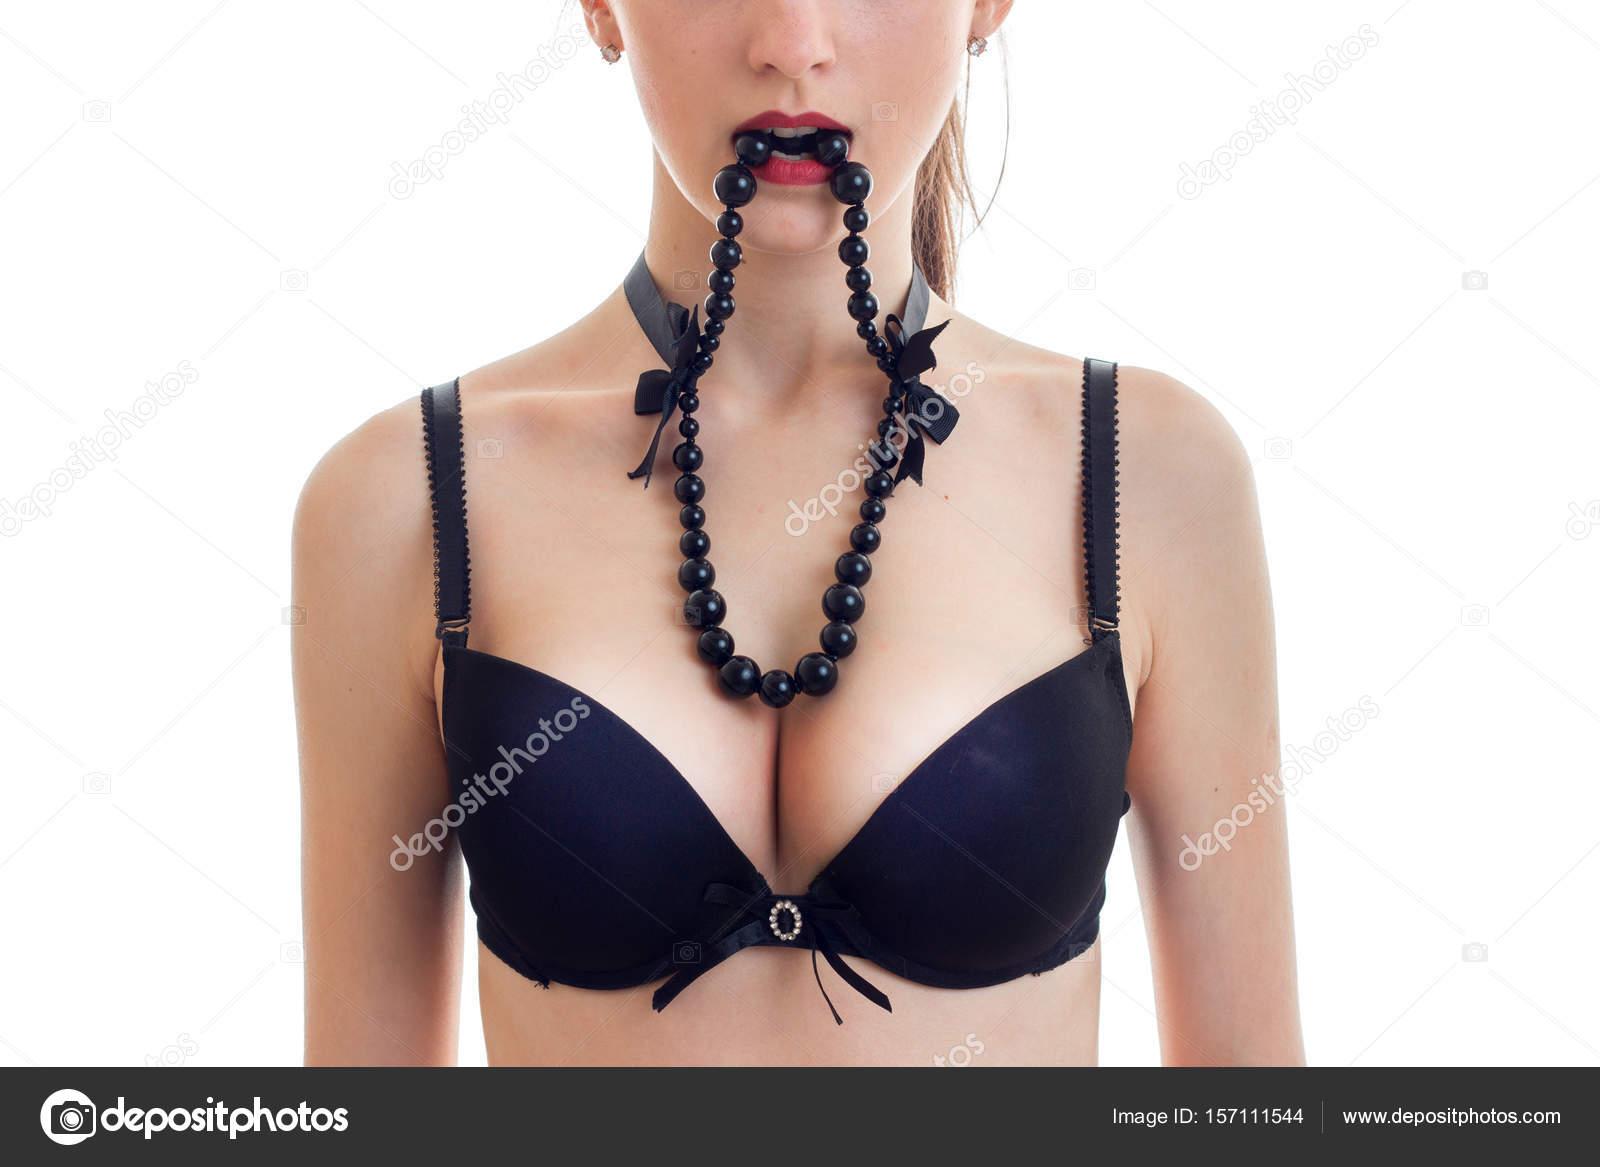 Nagy fekete mellek szex